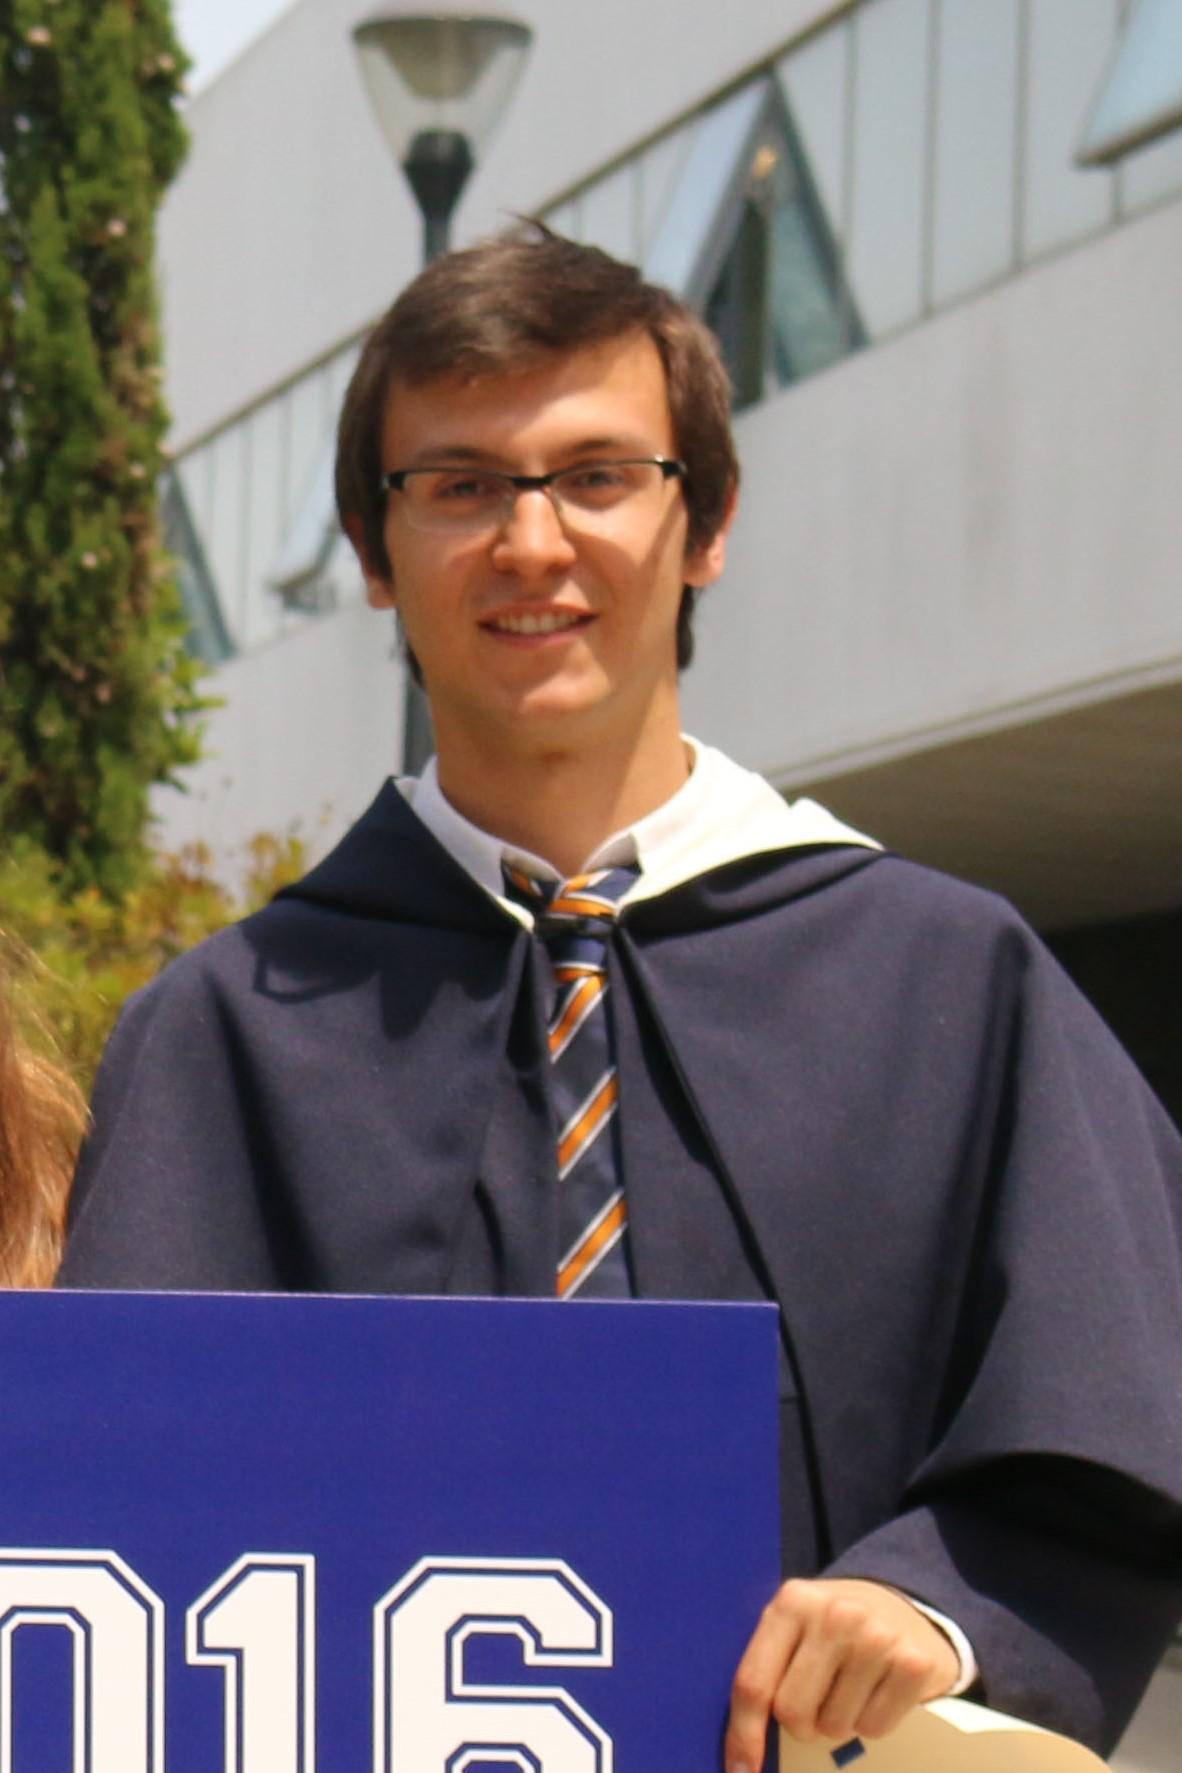 Francisco Líbano Monteiro